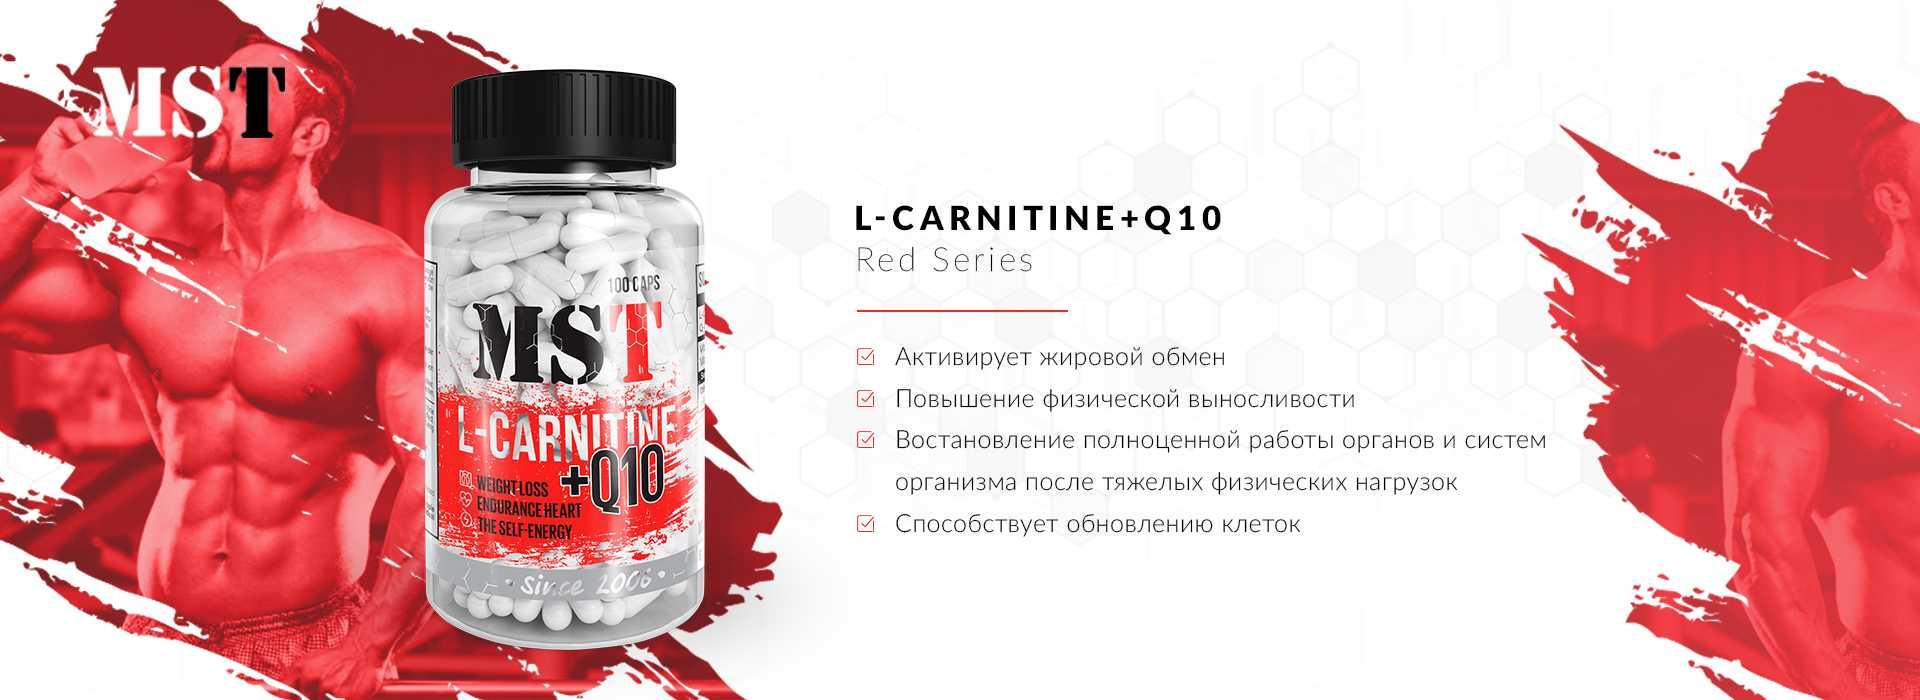 Л-карнитин и его влияние на женский организм